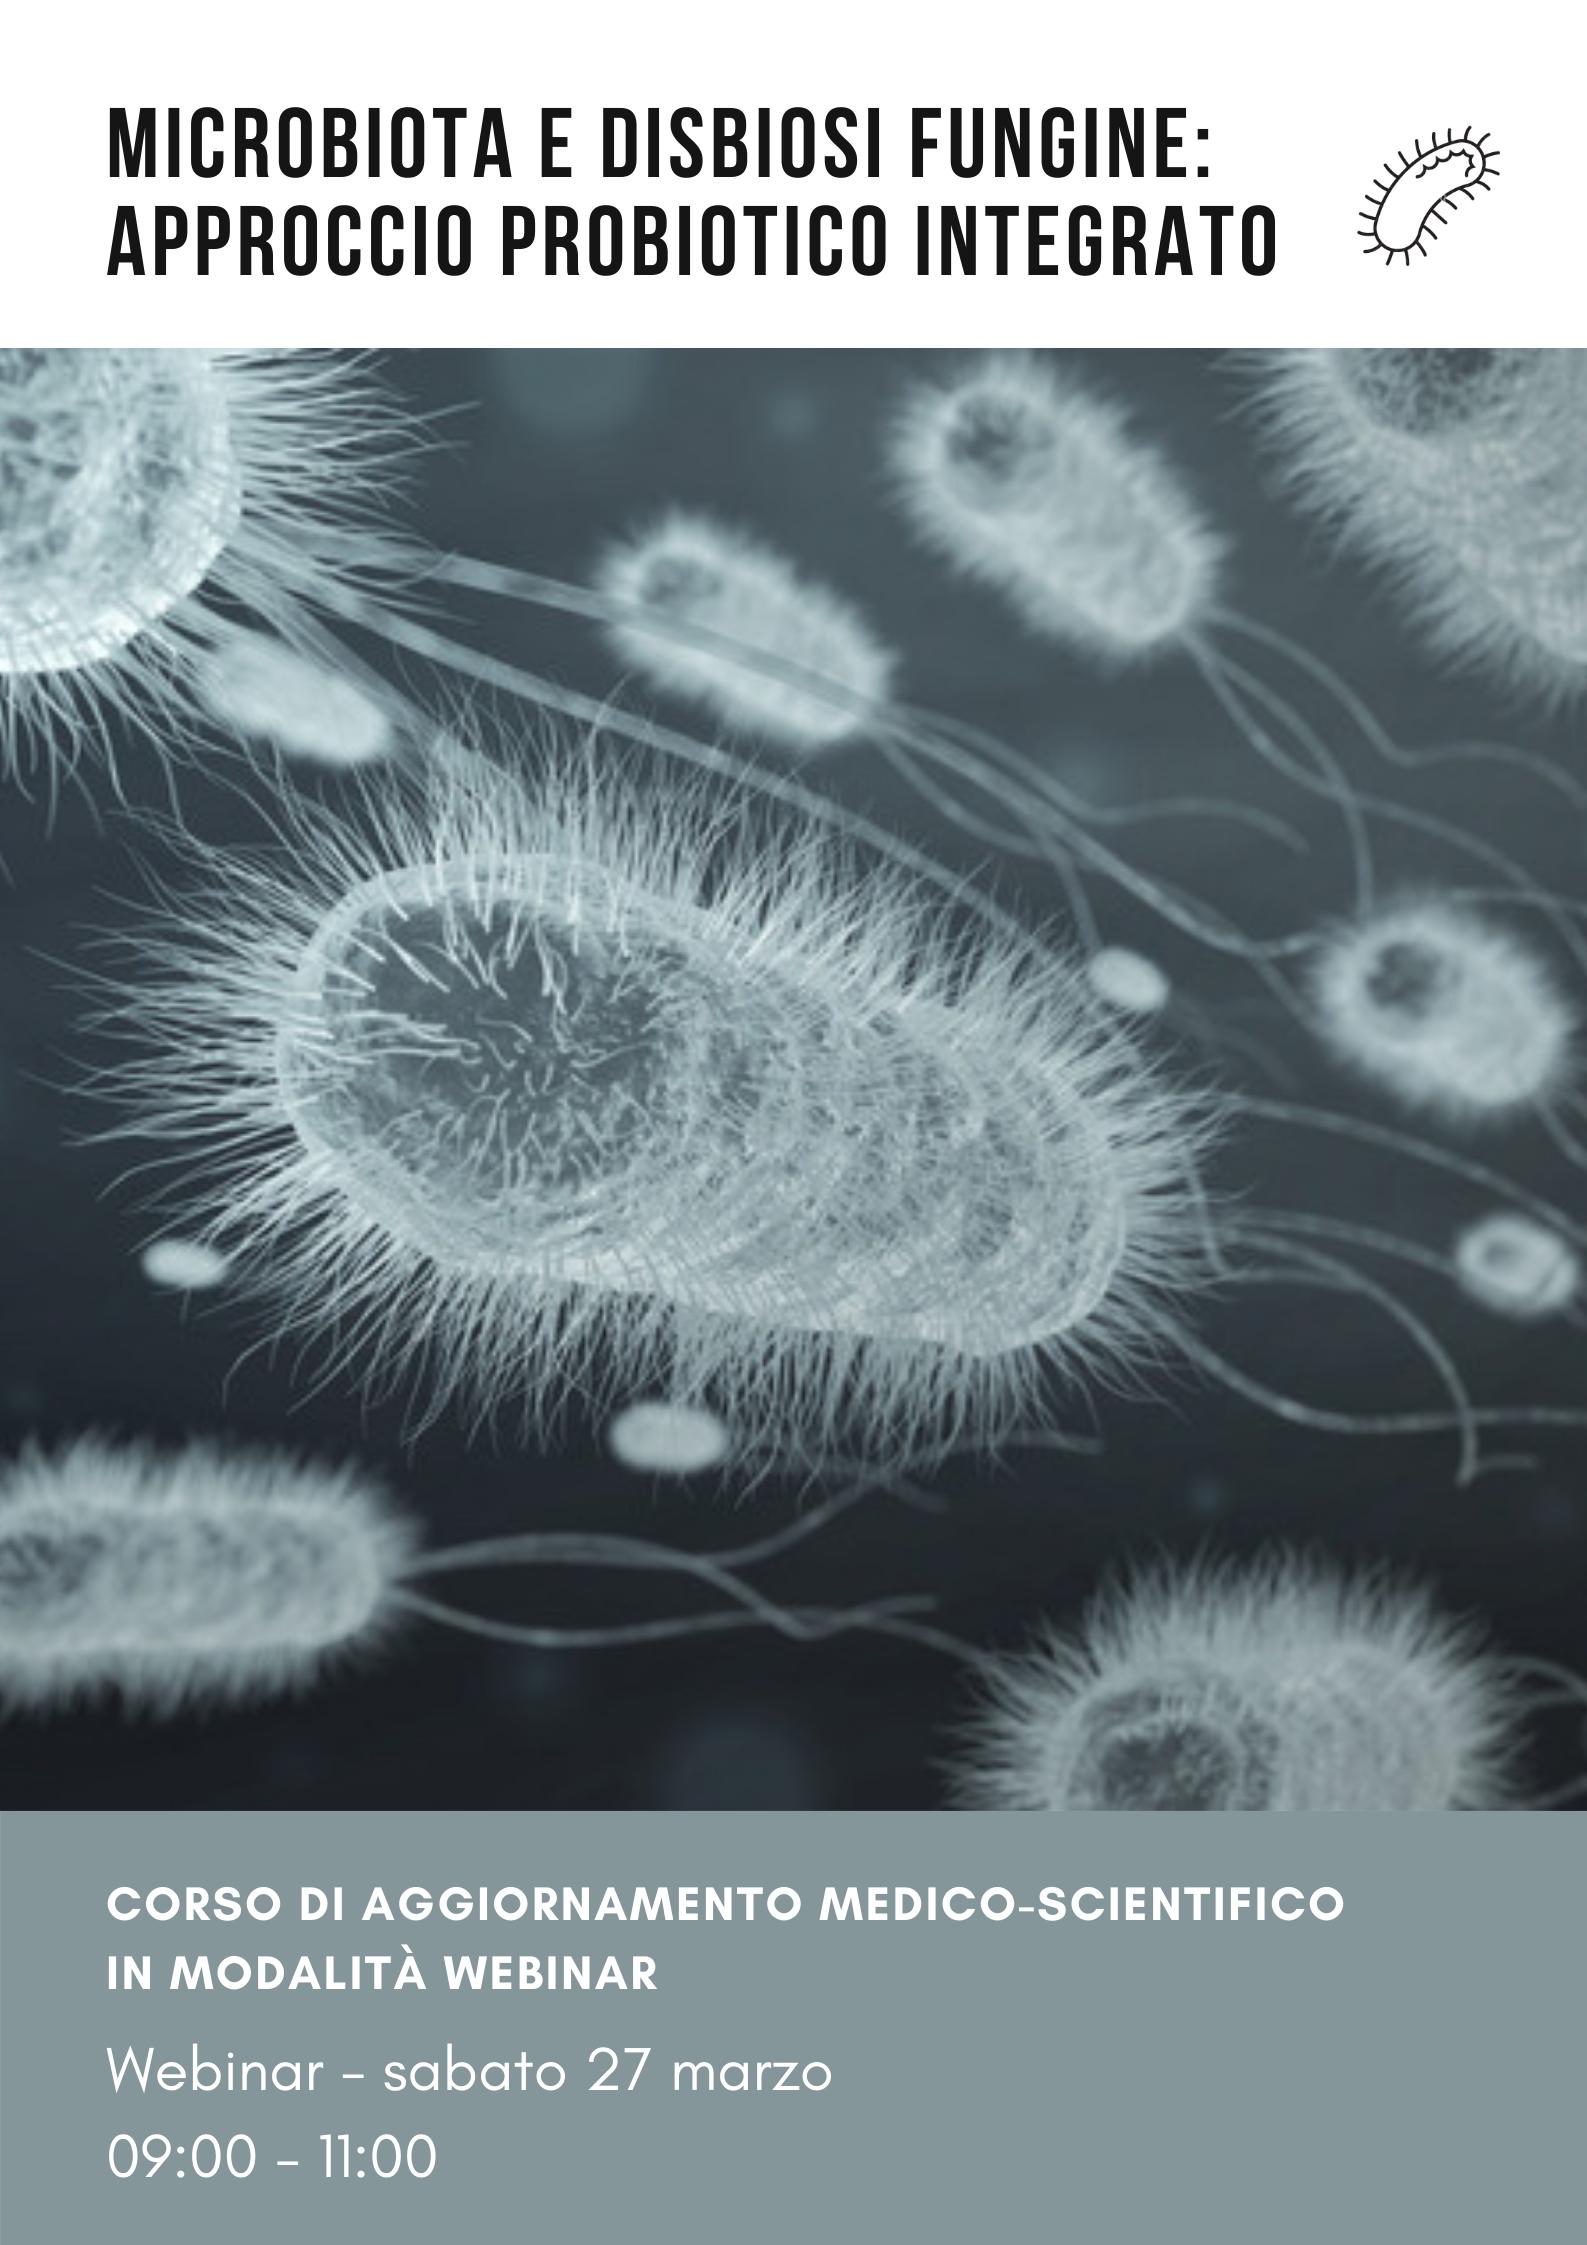 Microbiota e disbiosi fungine: approccio probiotico integrato